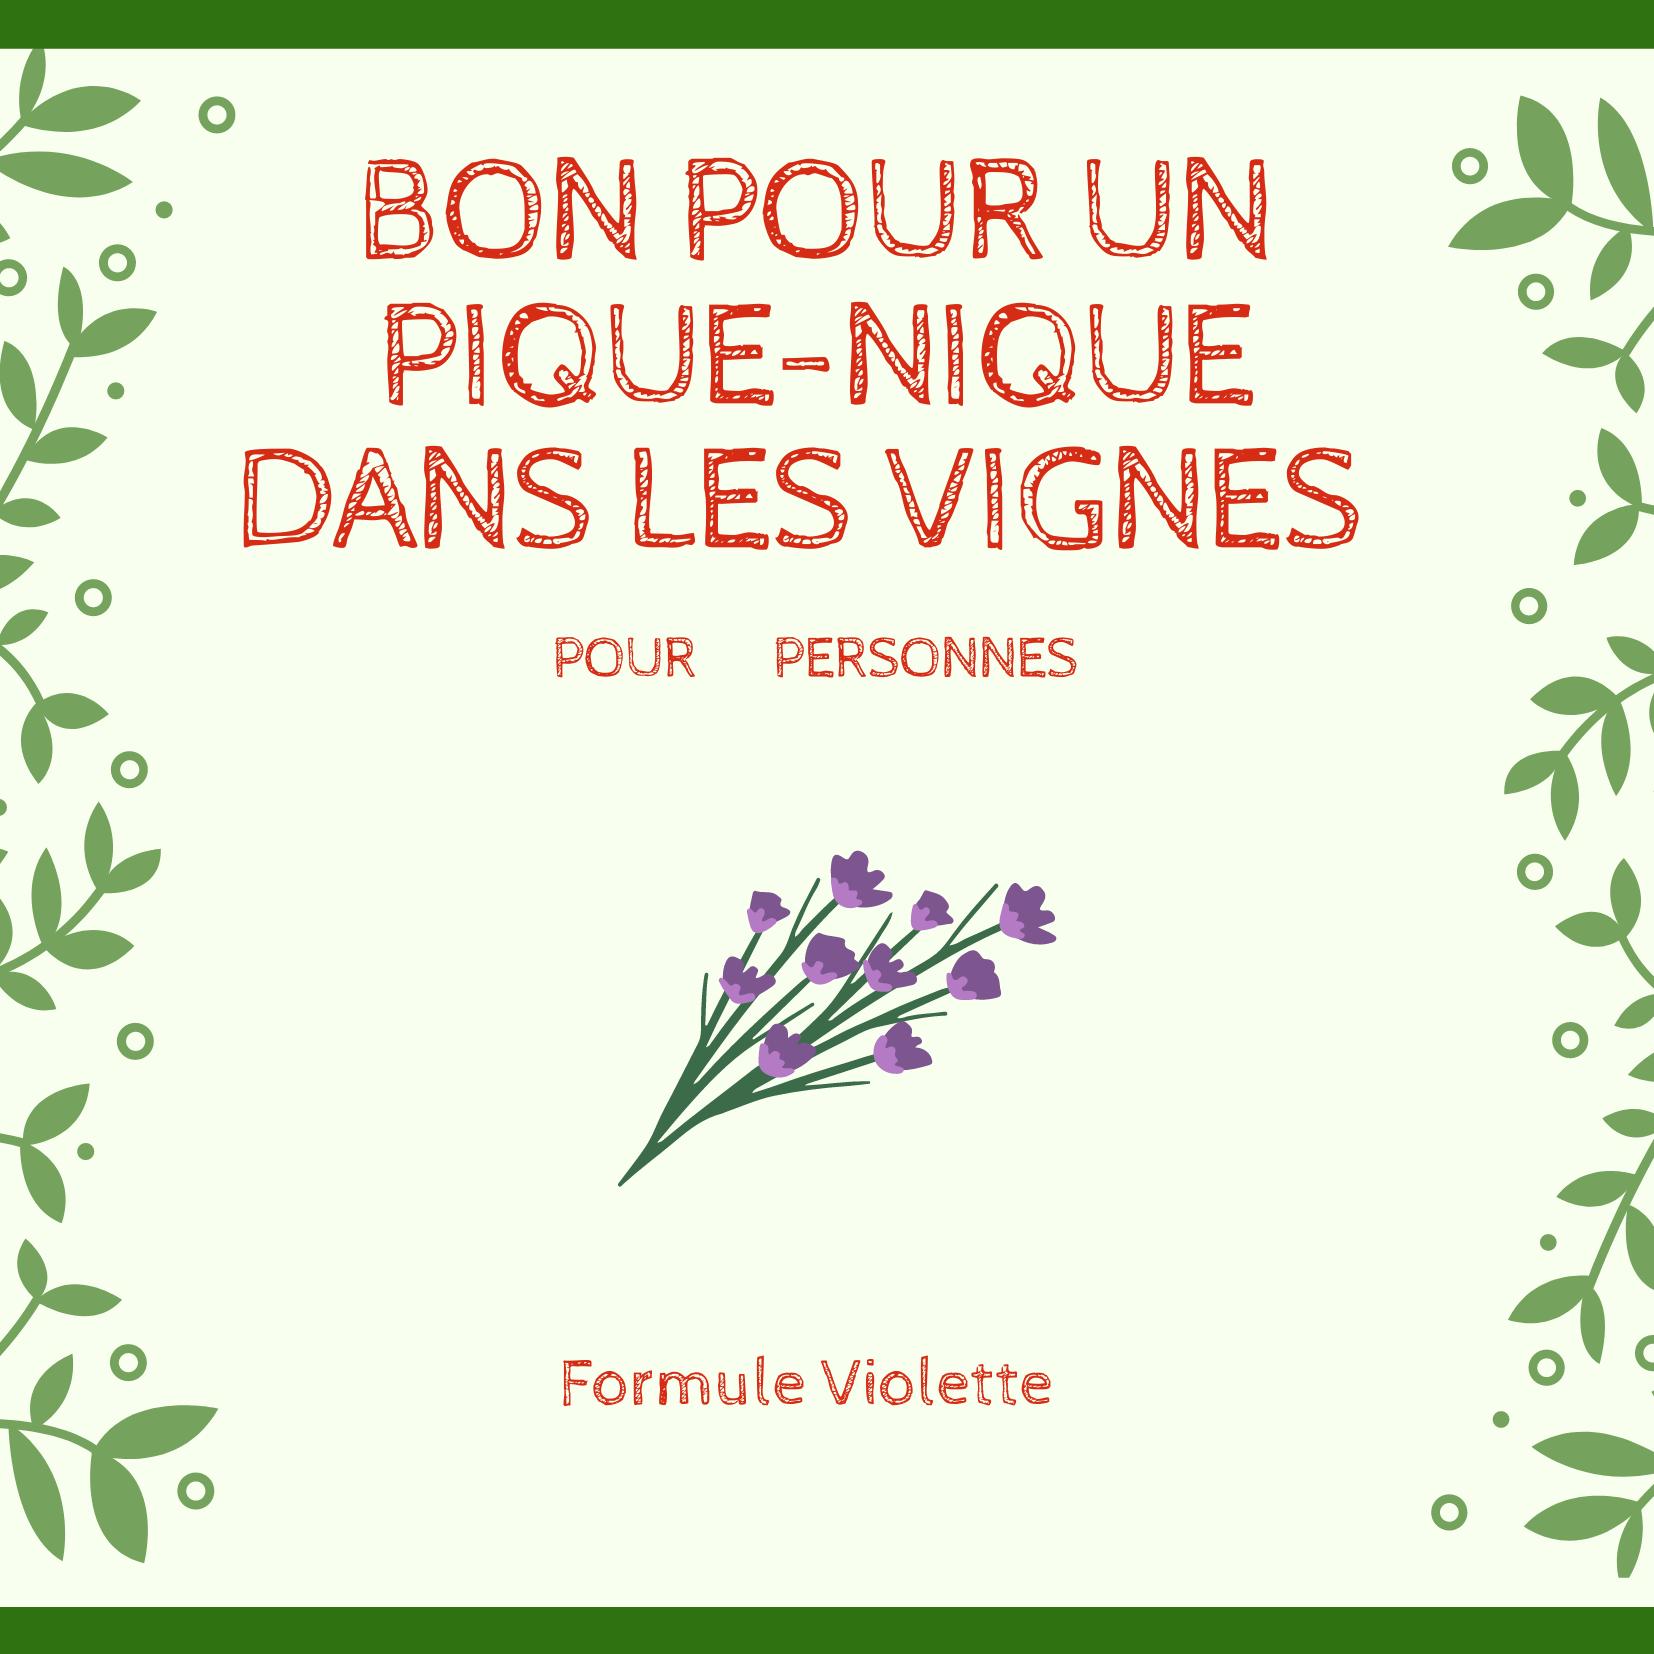 Bon cadeau Violette